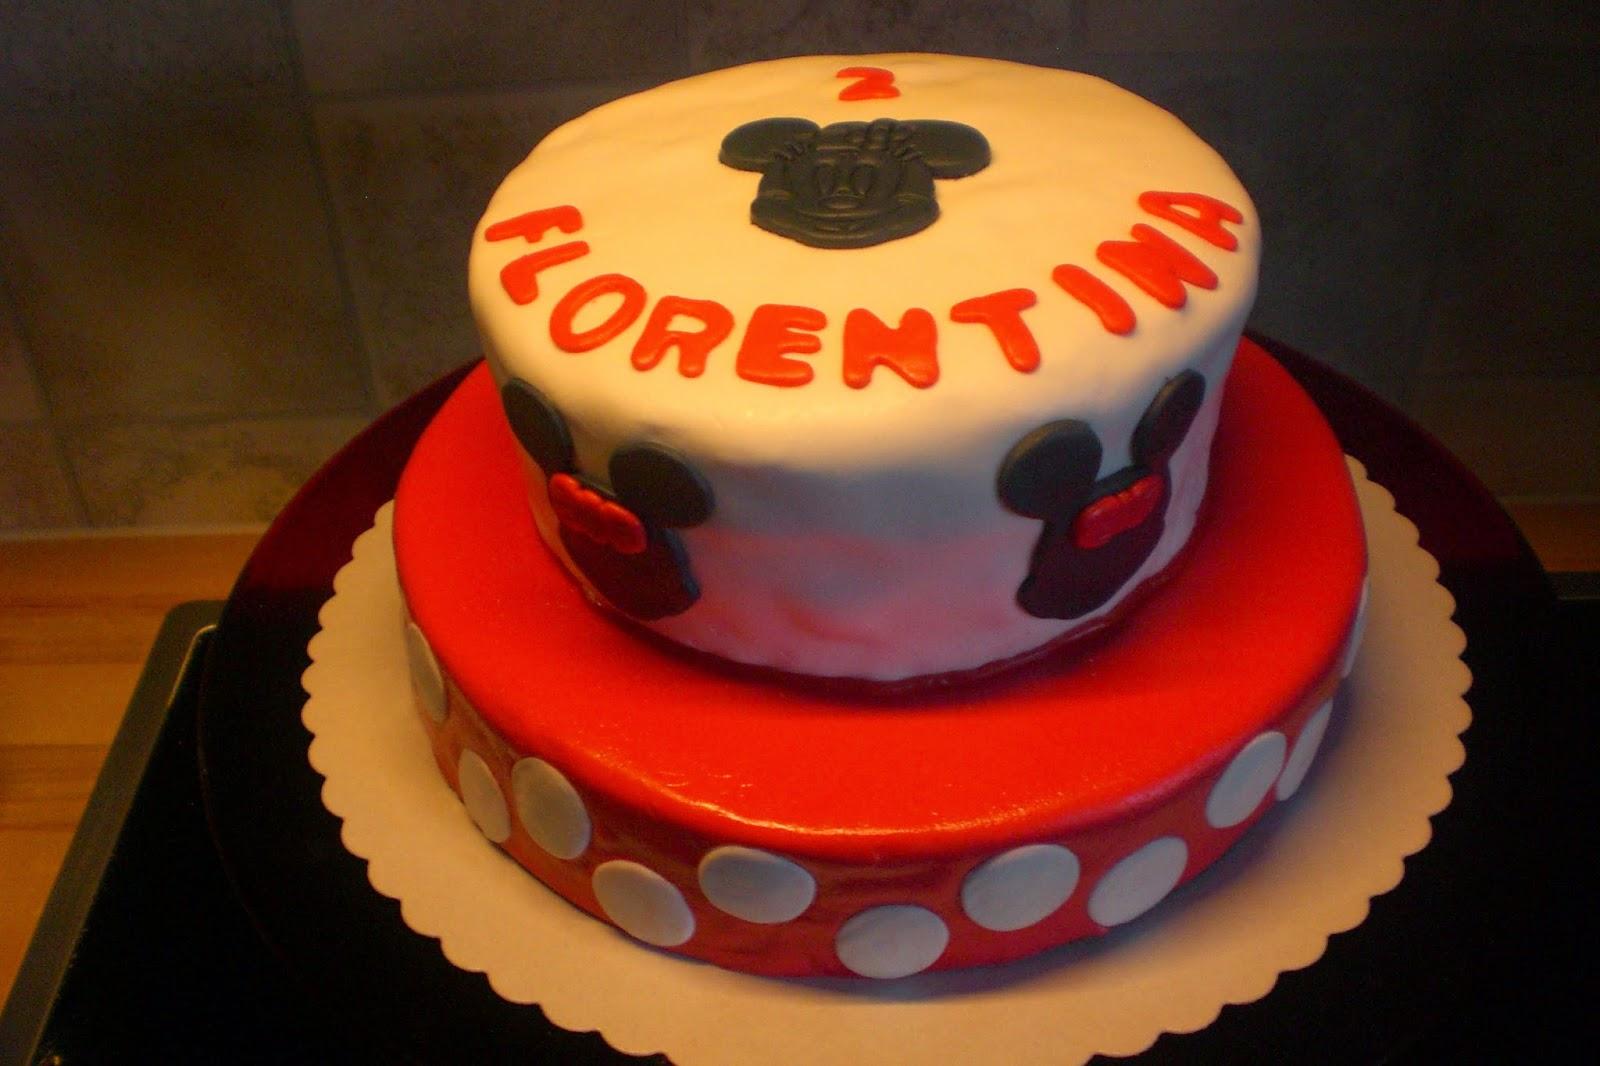 Rot Knappchen Backt 16 08 2014 Minnie Maus Torte Fur Florentina